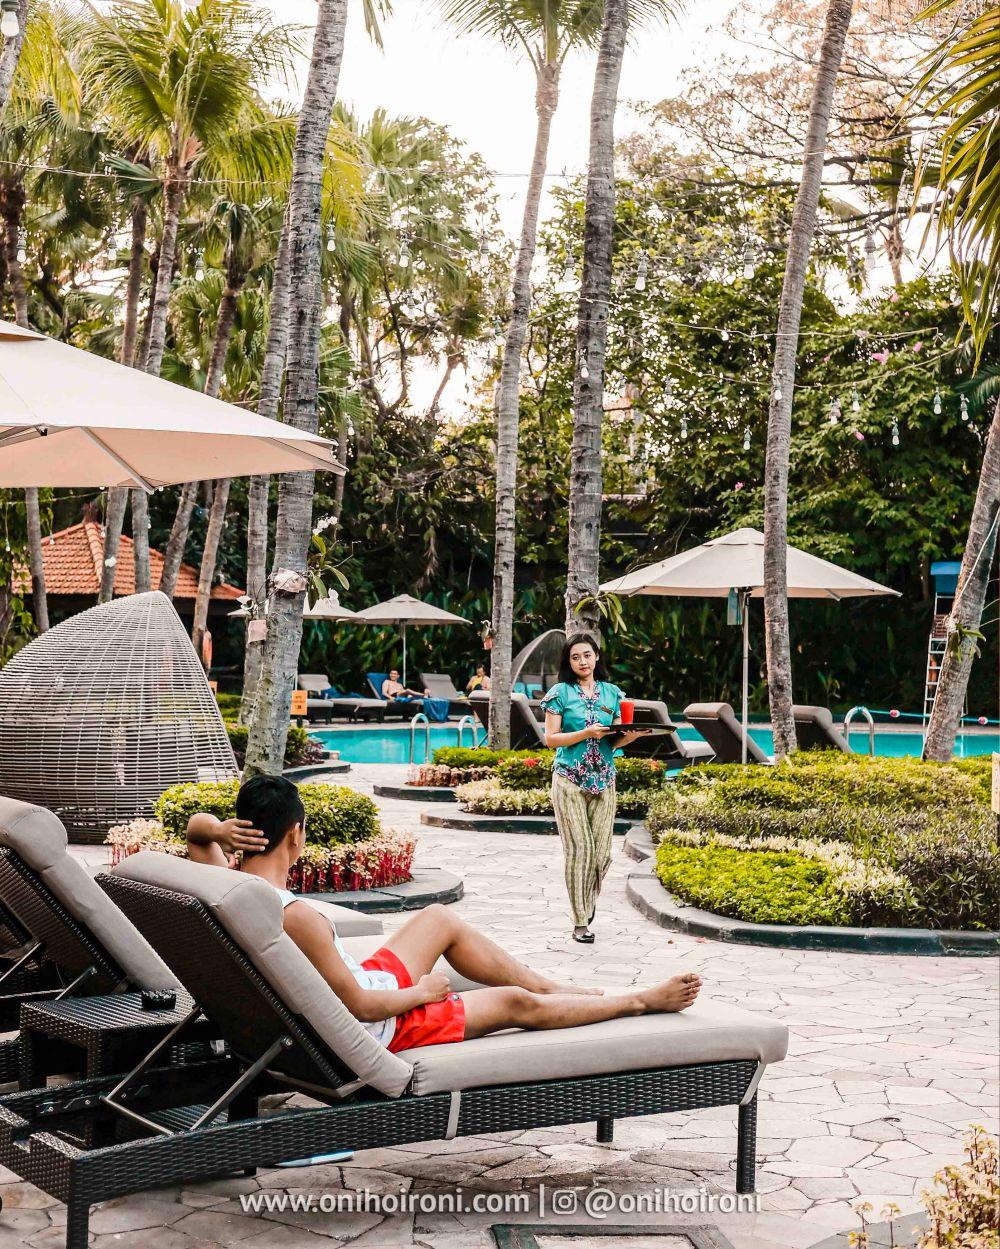 5 Review Swimming Pool kolam renang Shangrila Surabaya Hotel Oni hoironi